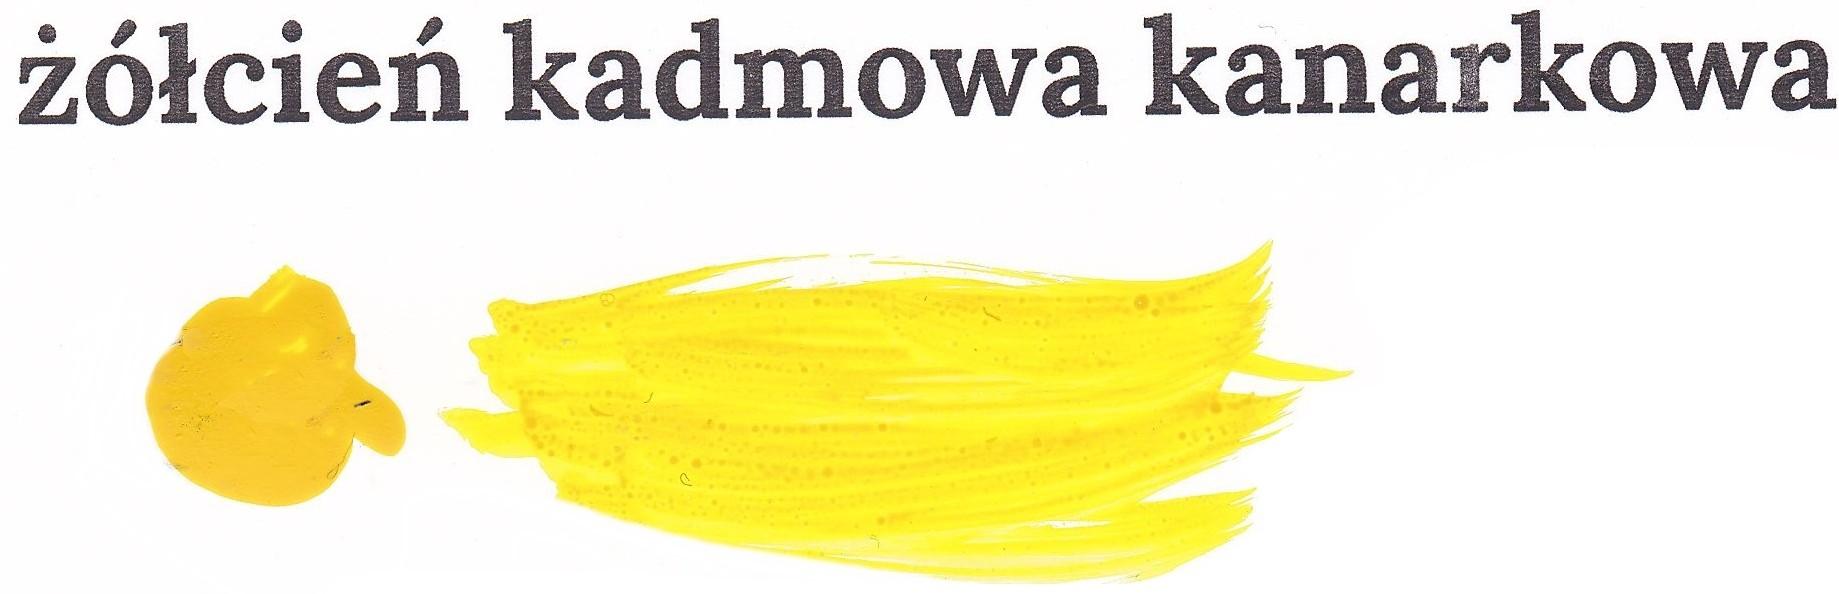 Żółcień kadmowa kanarkowa